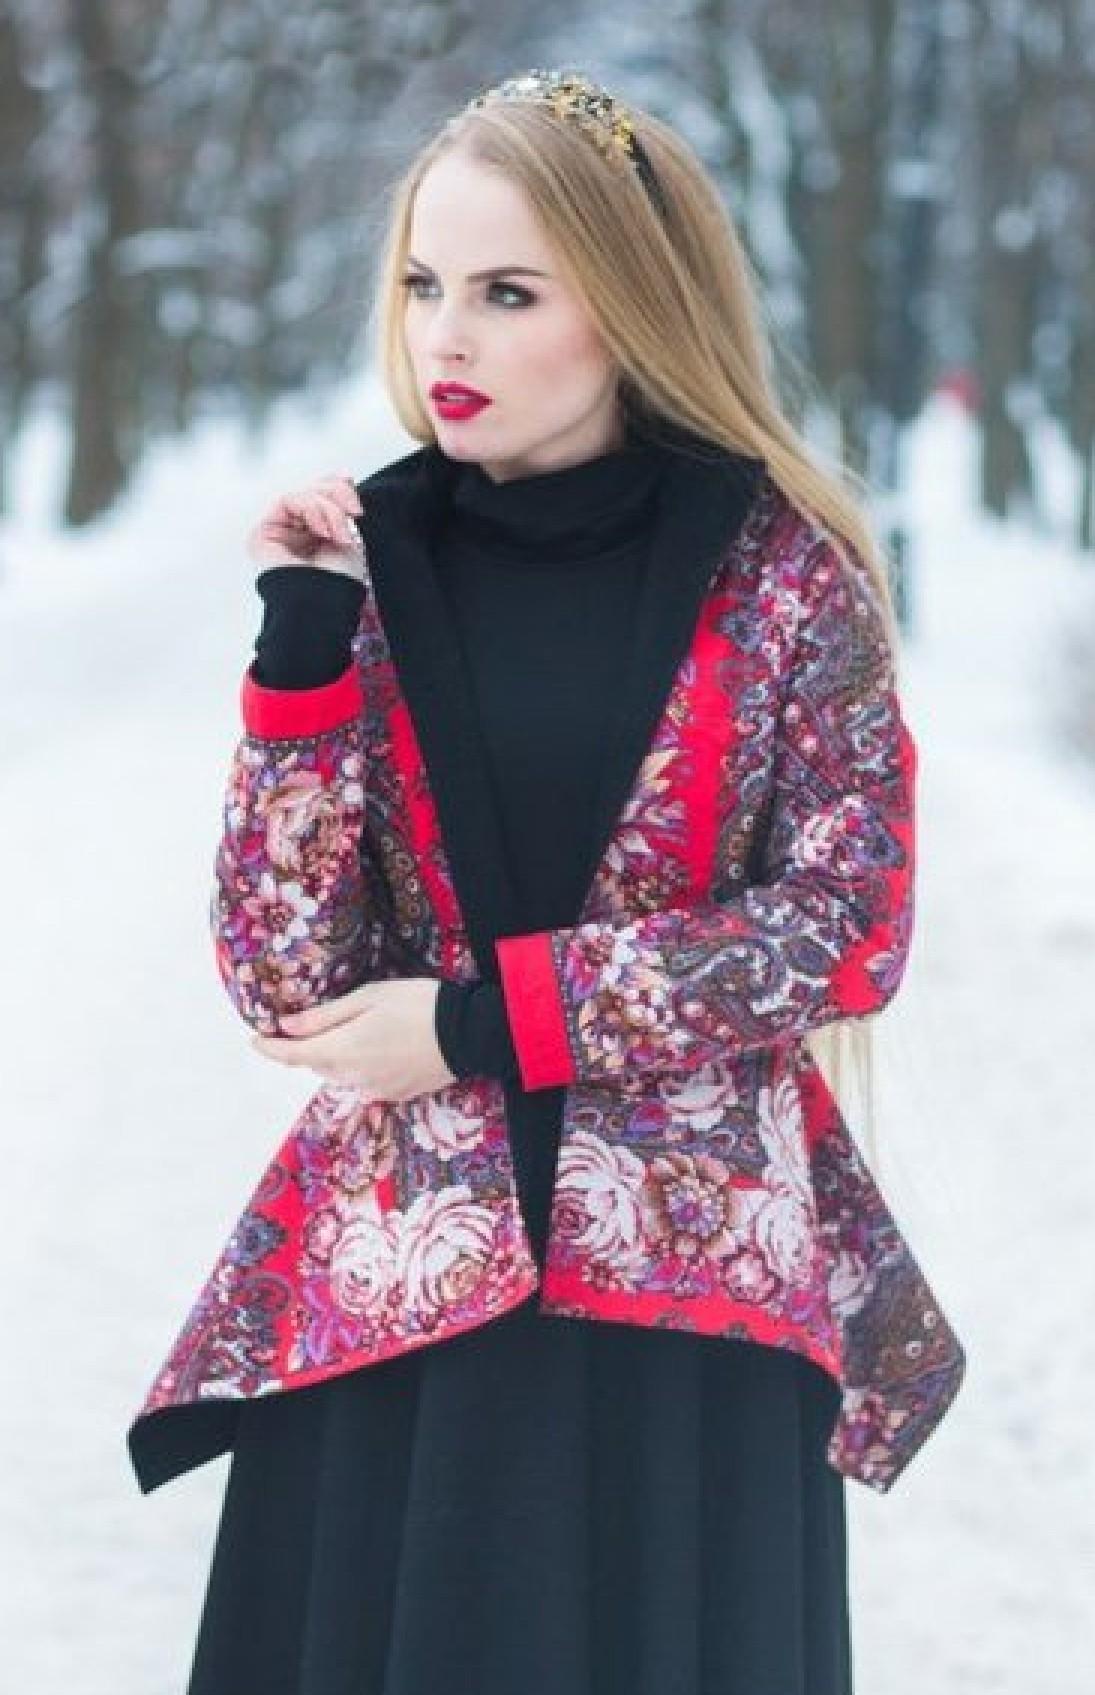 Купить Куртку Из Павлопосадских Платков Спб